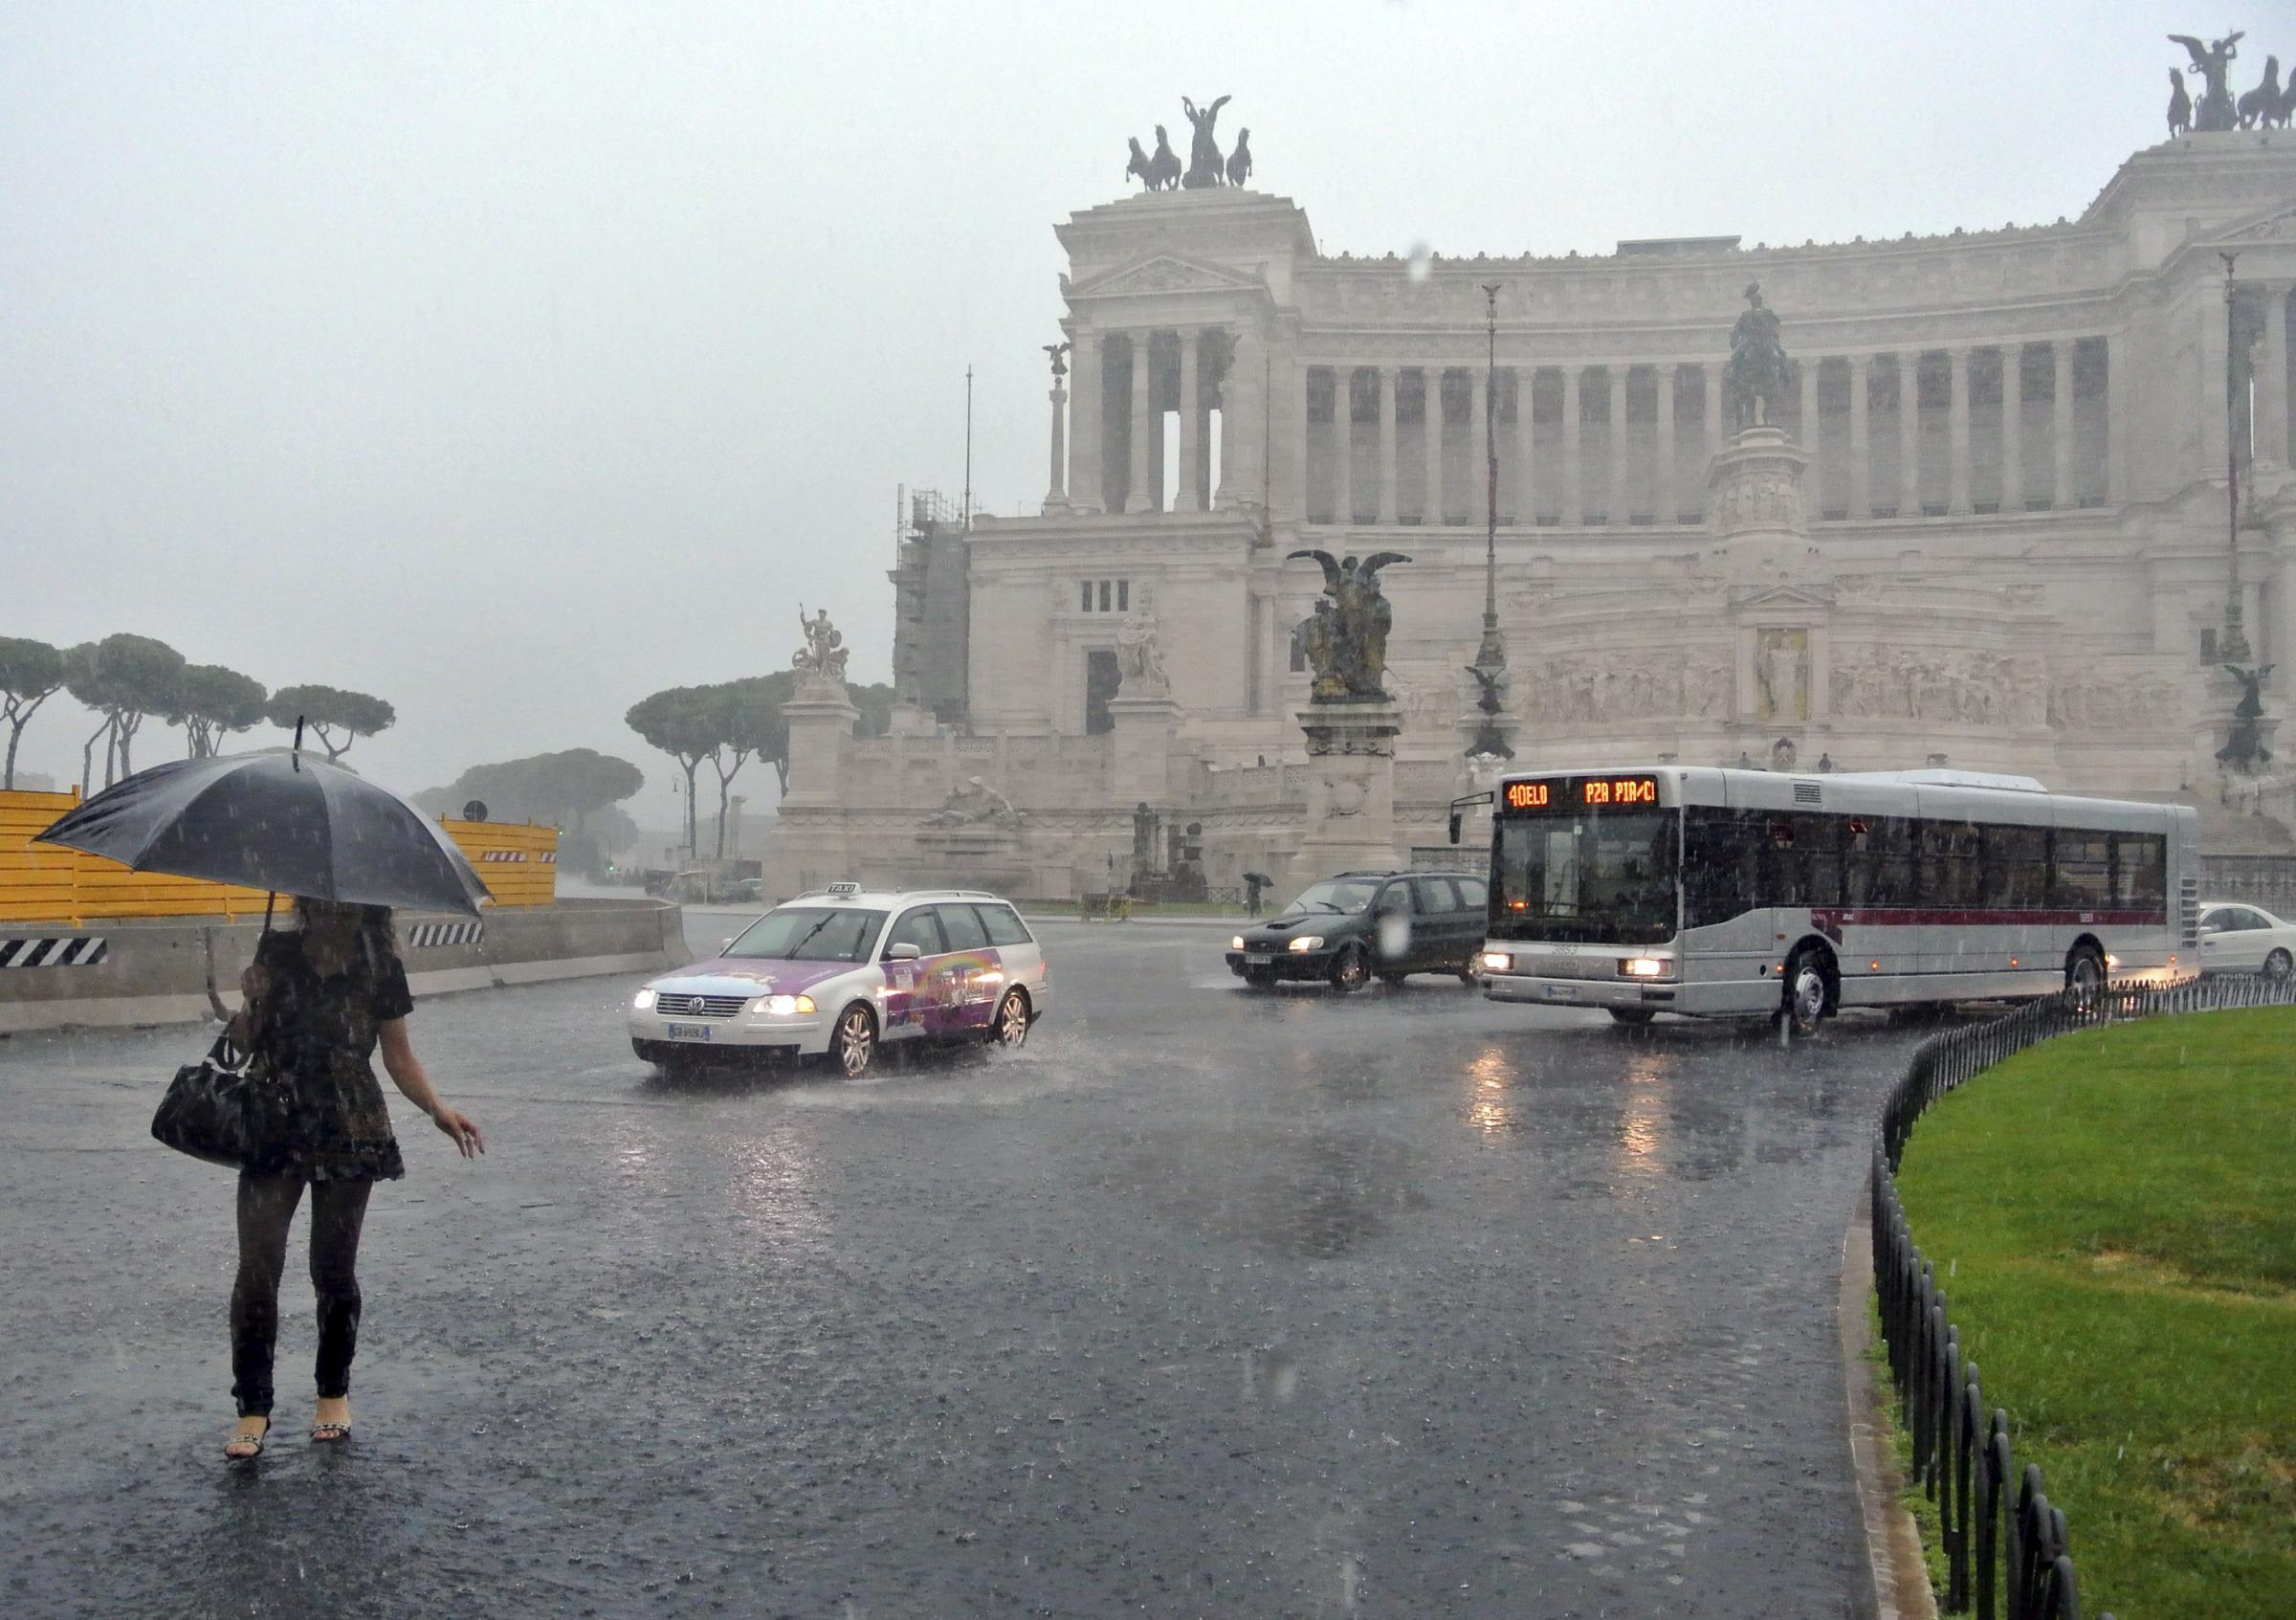 Previsioni meteo Roma: maltempo in giornata, domani migliora